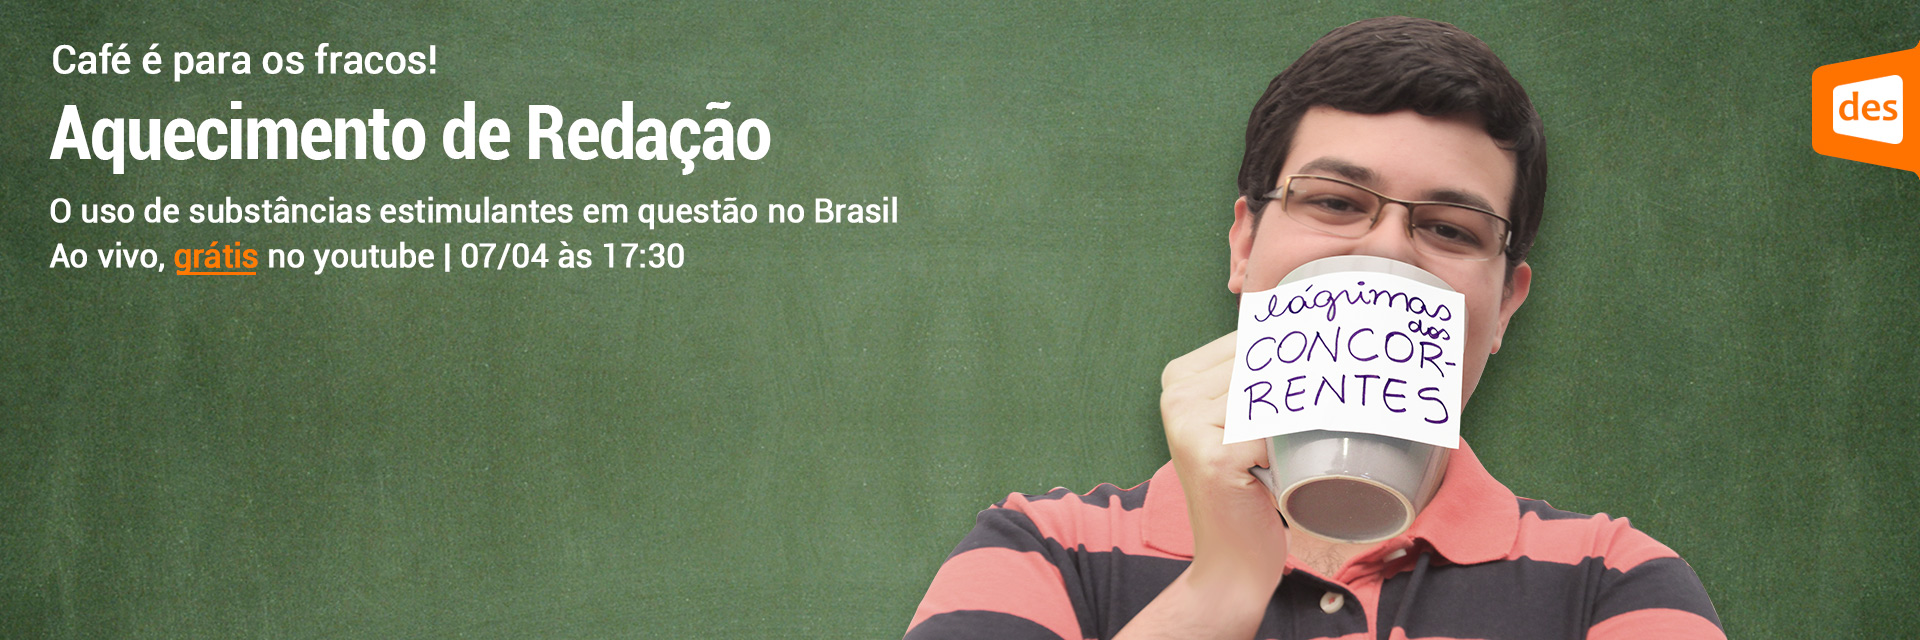 header-de-Blog-1920x640px_Aquecimento-Redacao-01 (1)